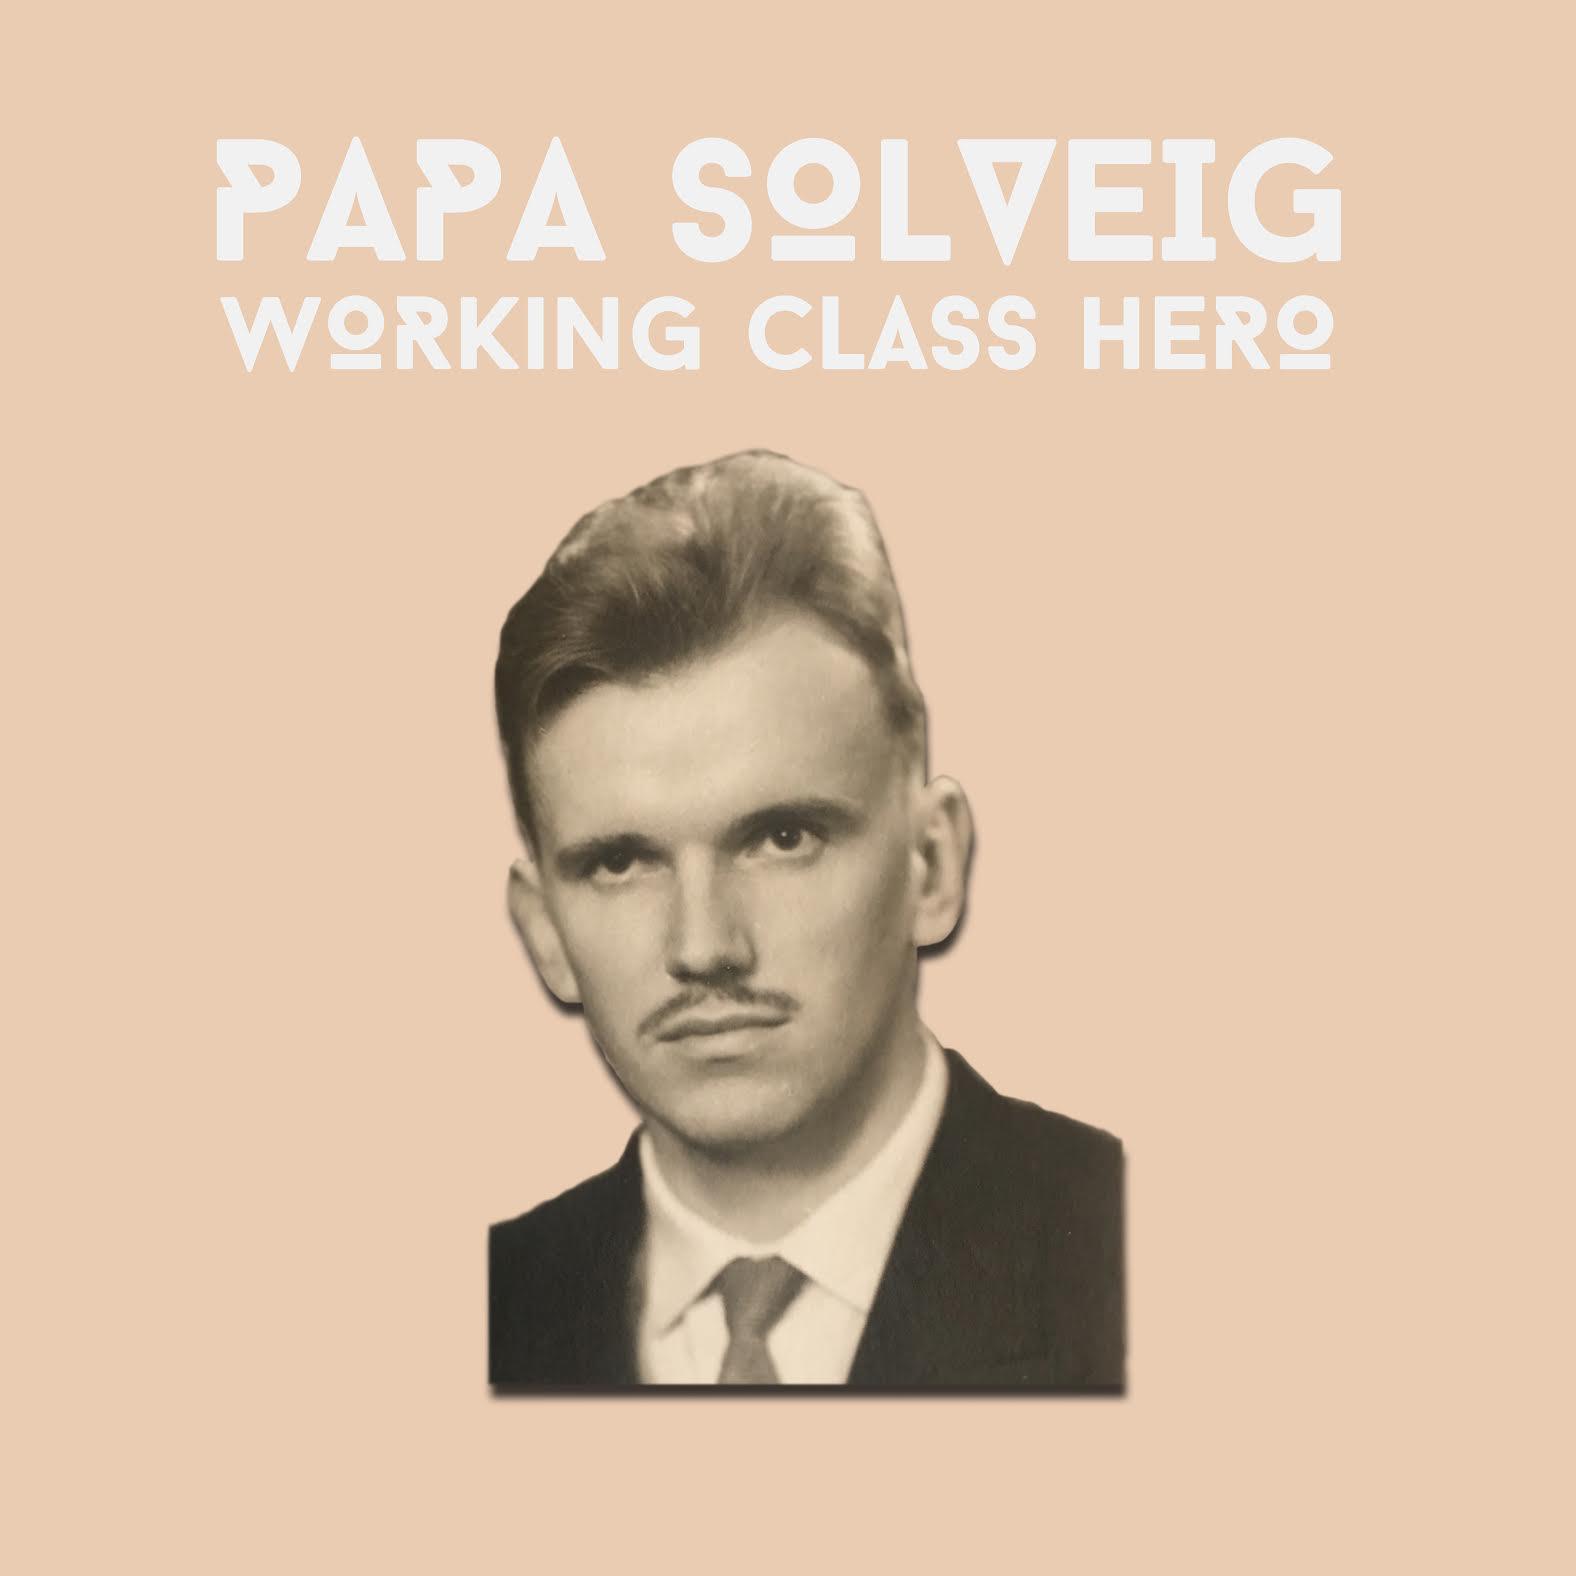 Papa Solveig